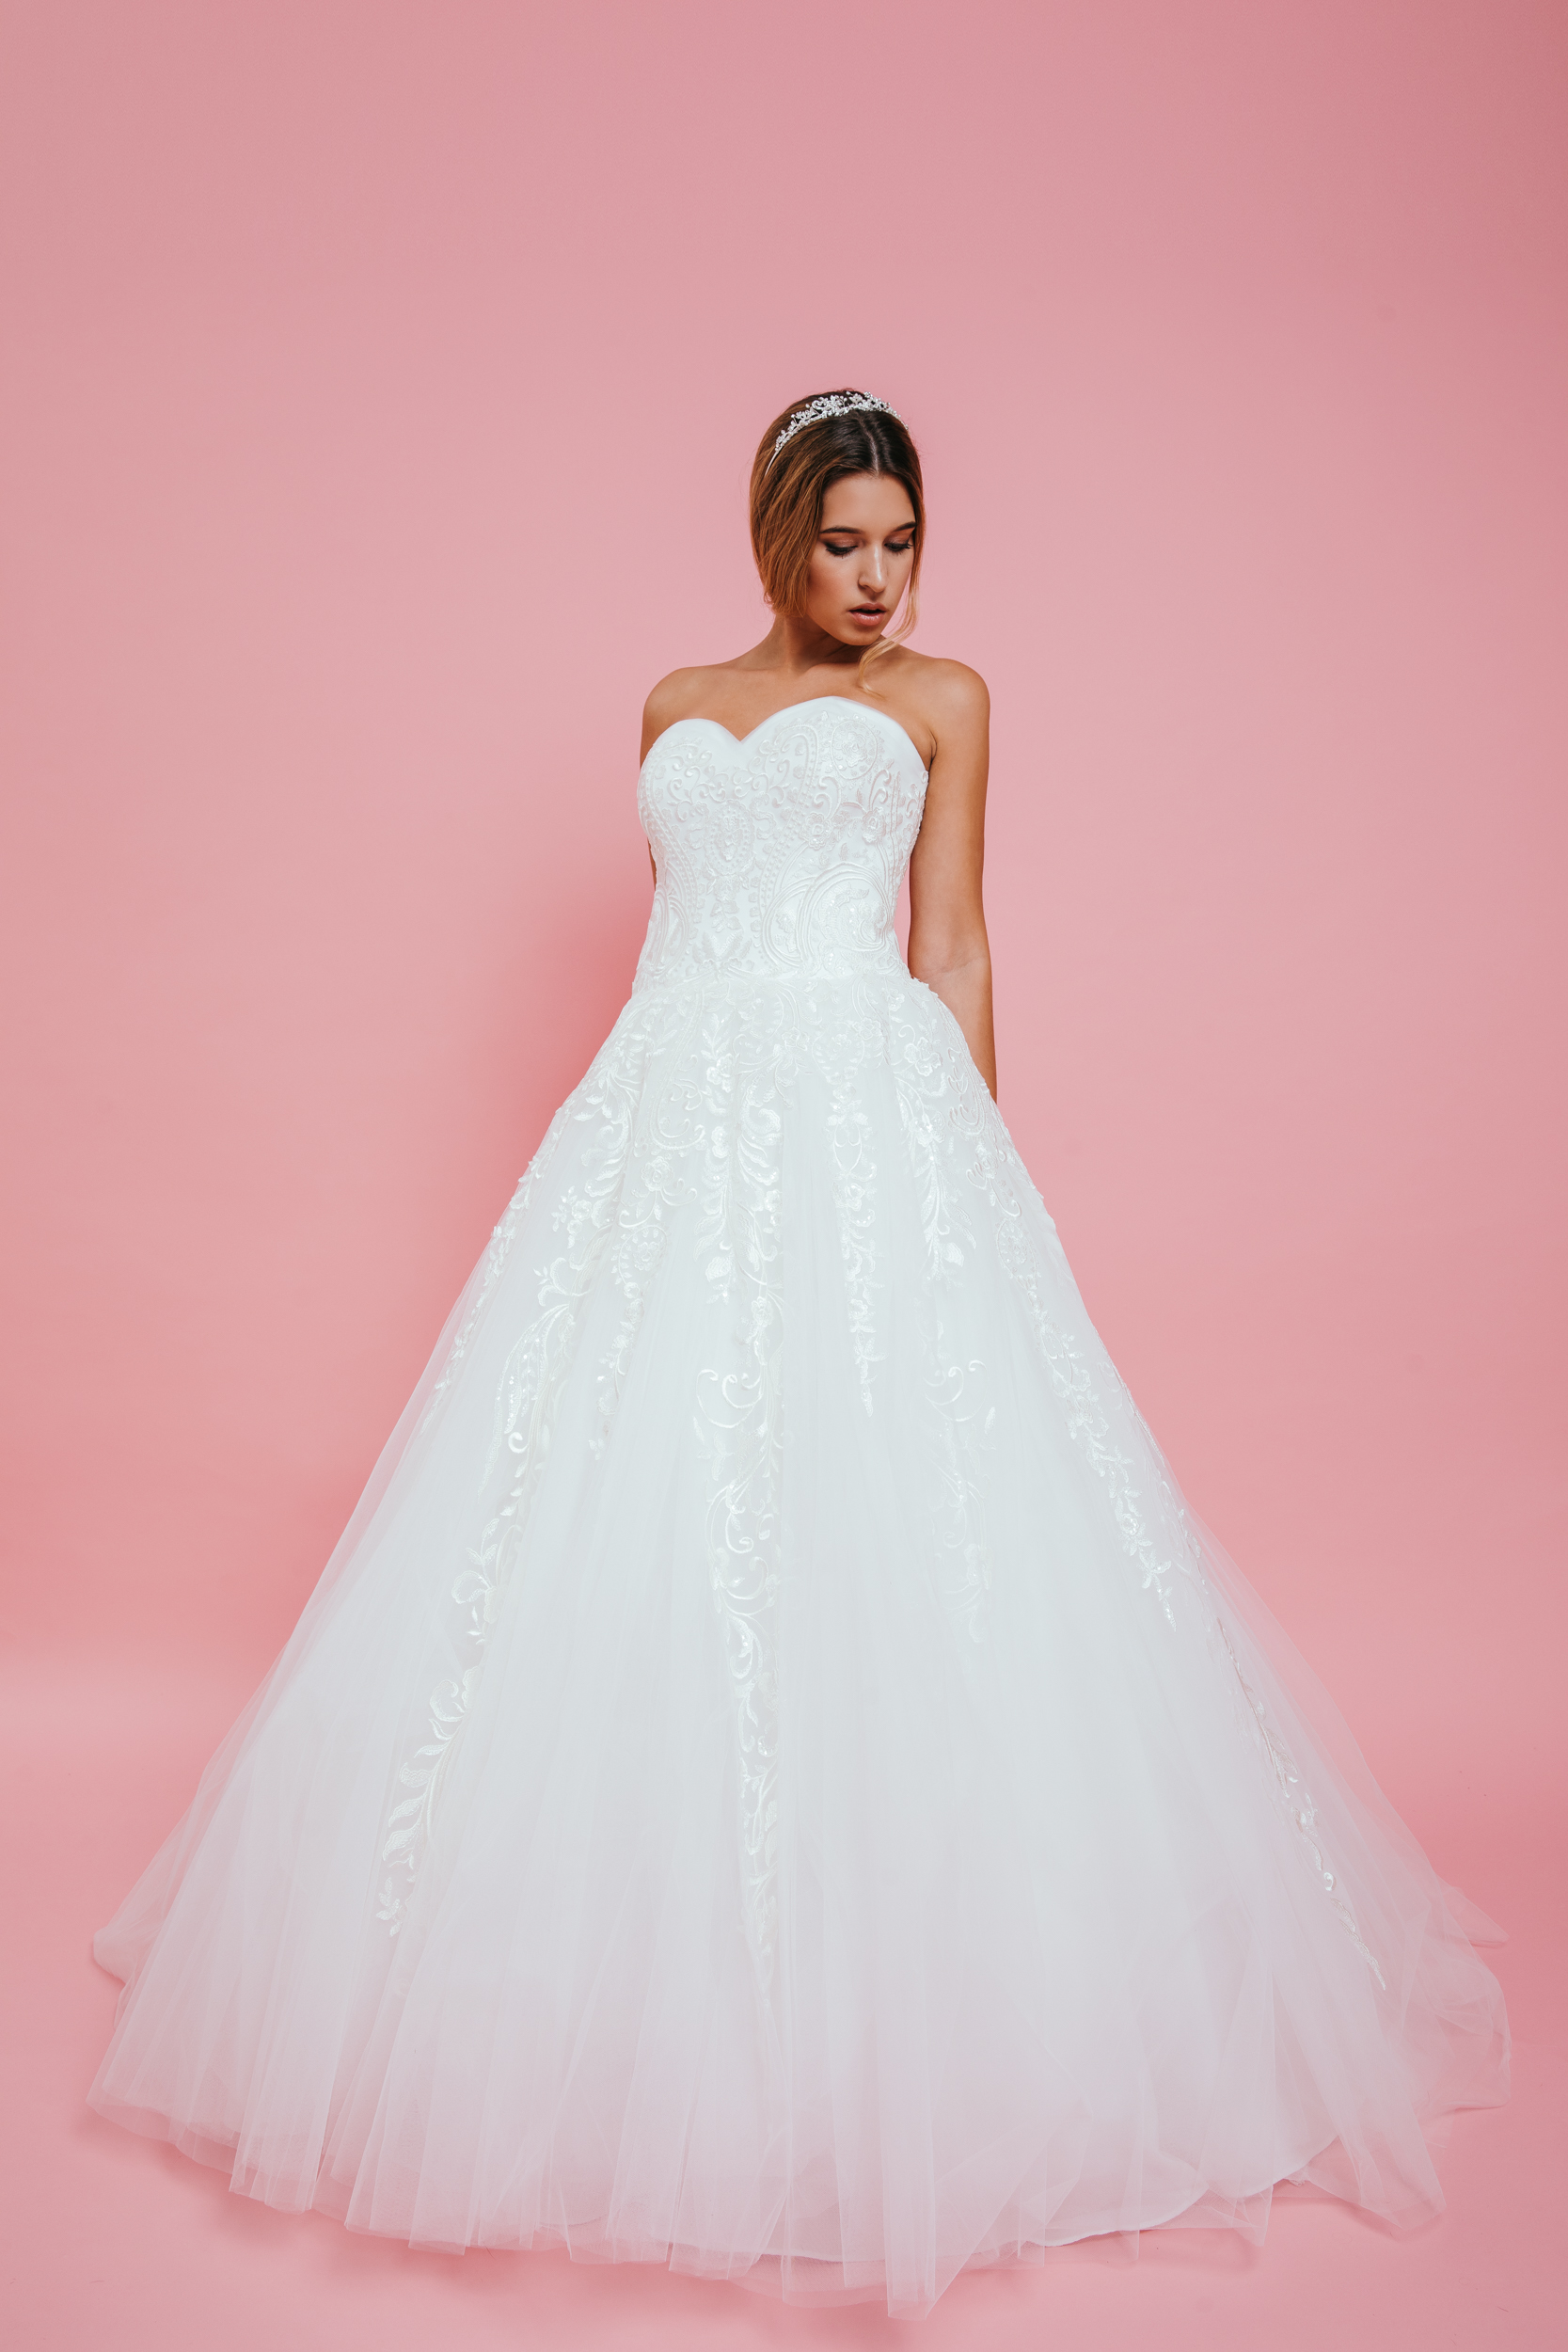 ABIGEL – Menyasszonyi Ruha 5a898458c5